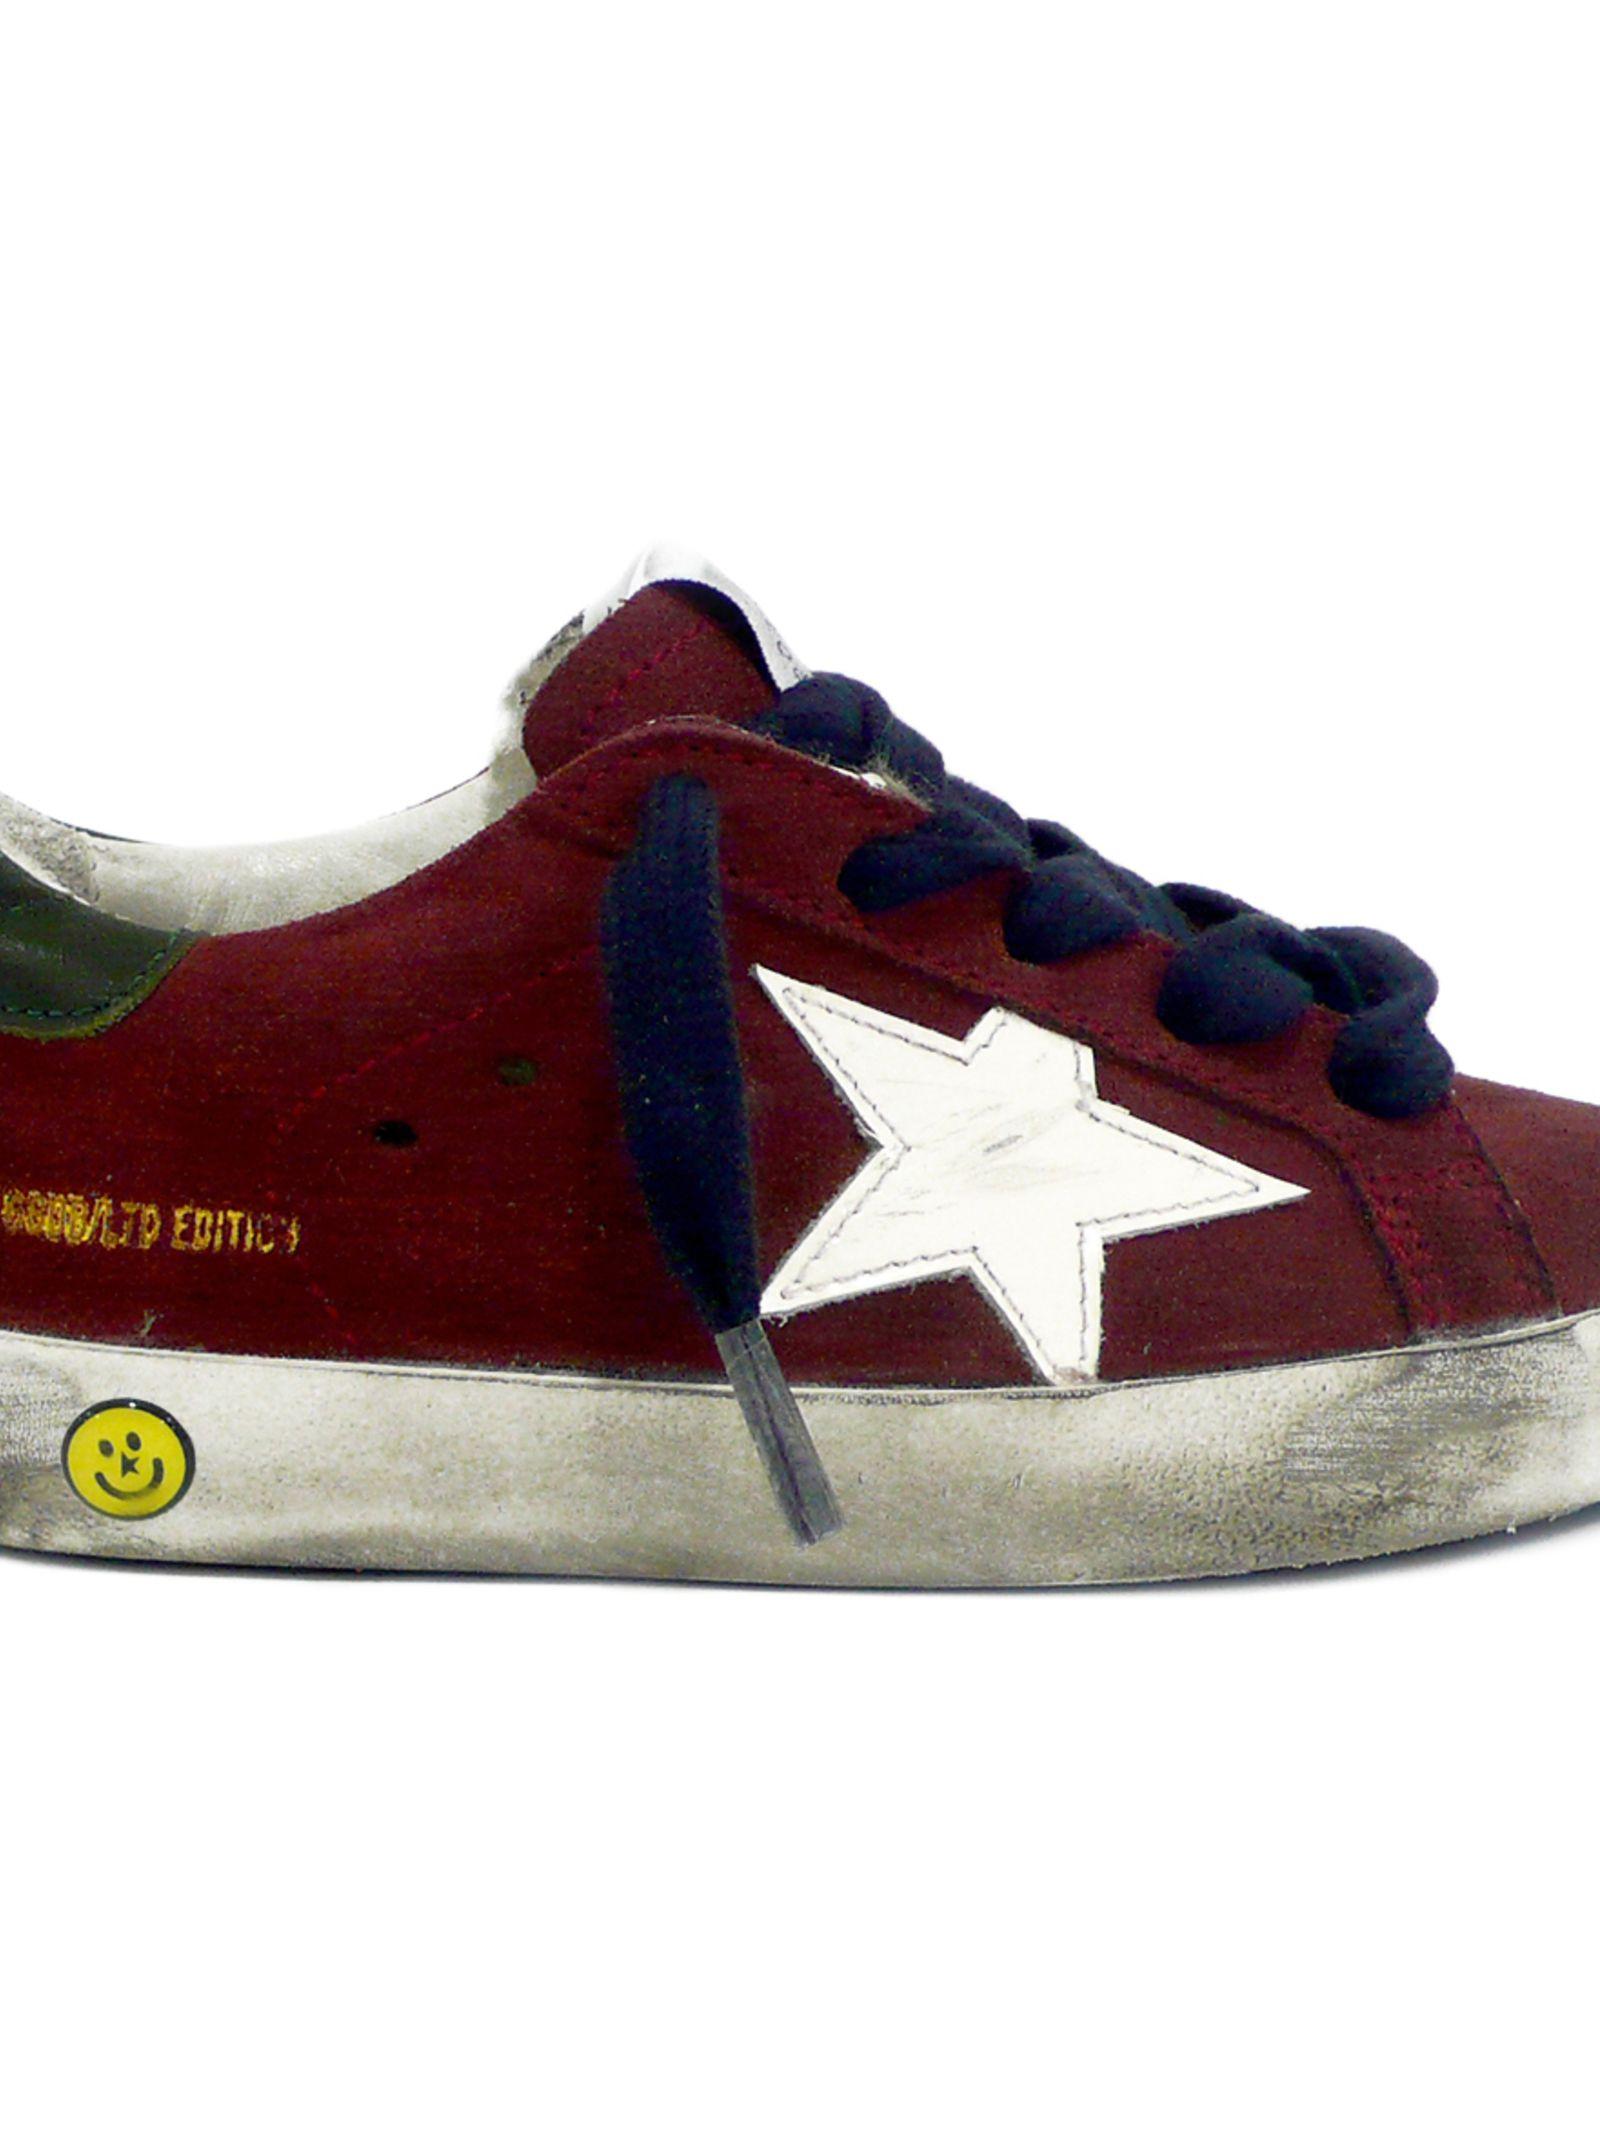 46753ad0db 1600x2133-ni-2015-abbigliamento-scarpe -sneakers-bambino-scuola-golden-goose-18012709-1-ita-it-golden-goose-jpg.jpg